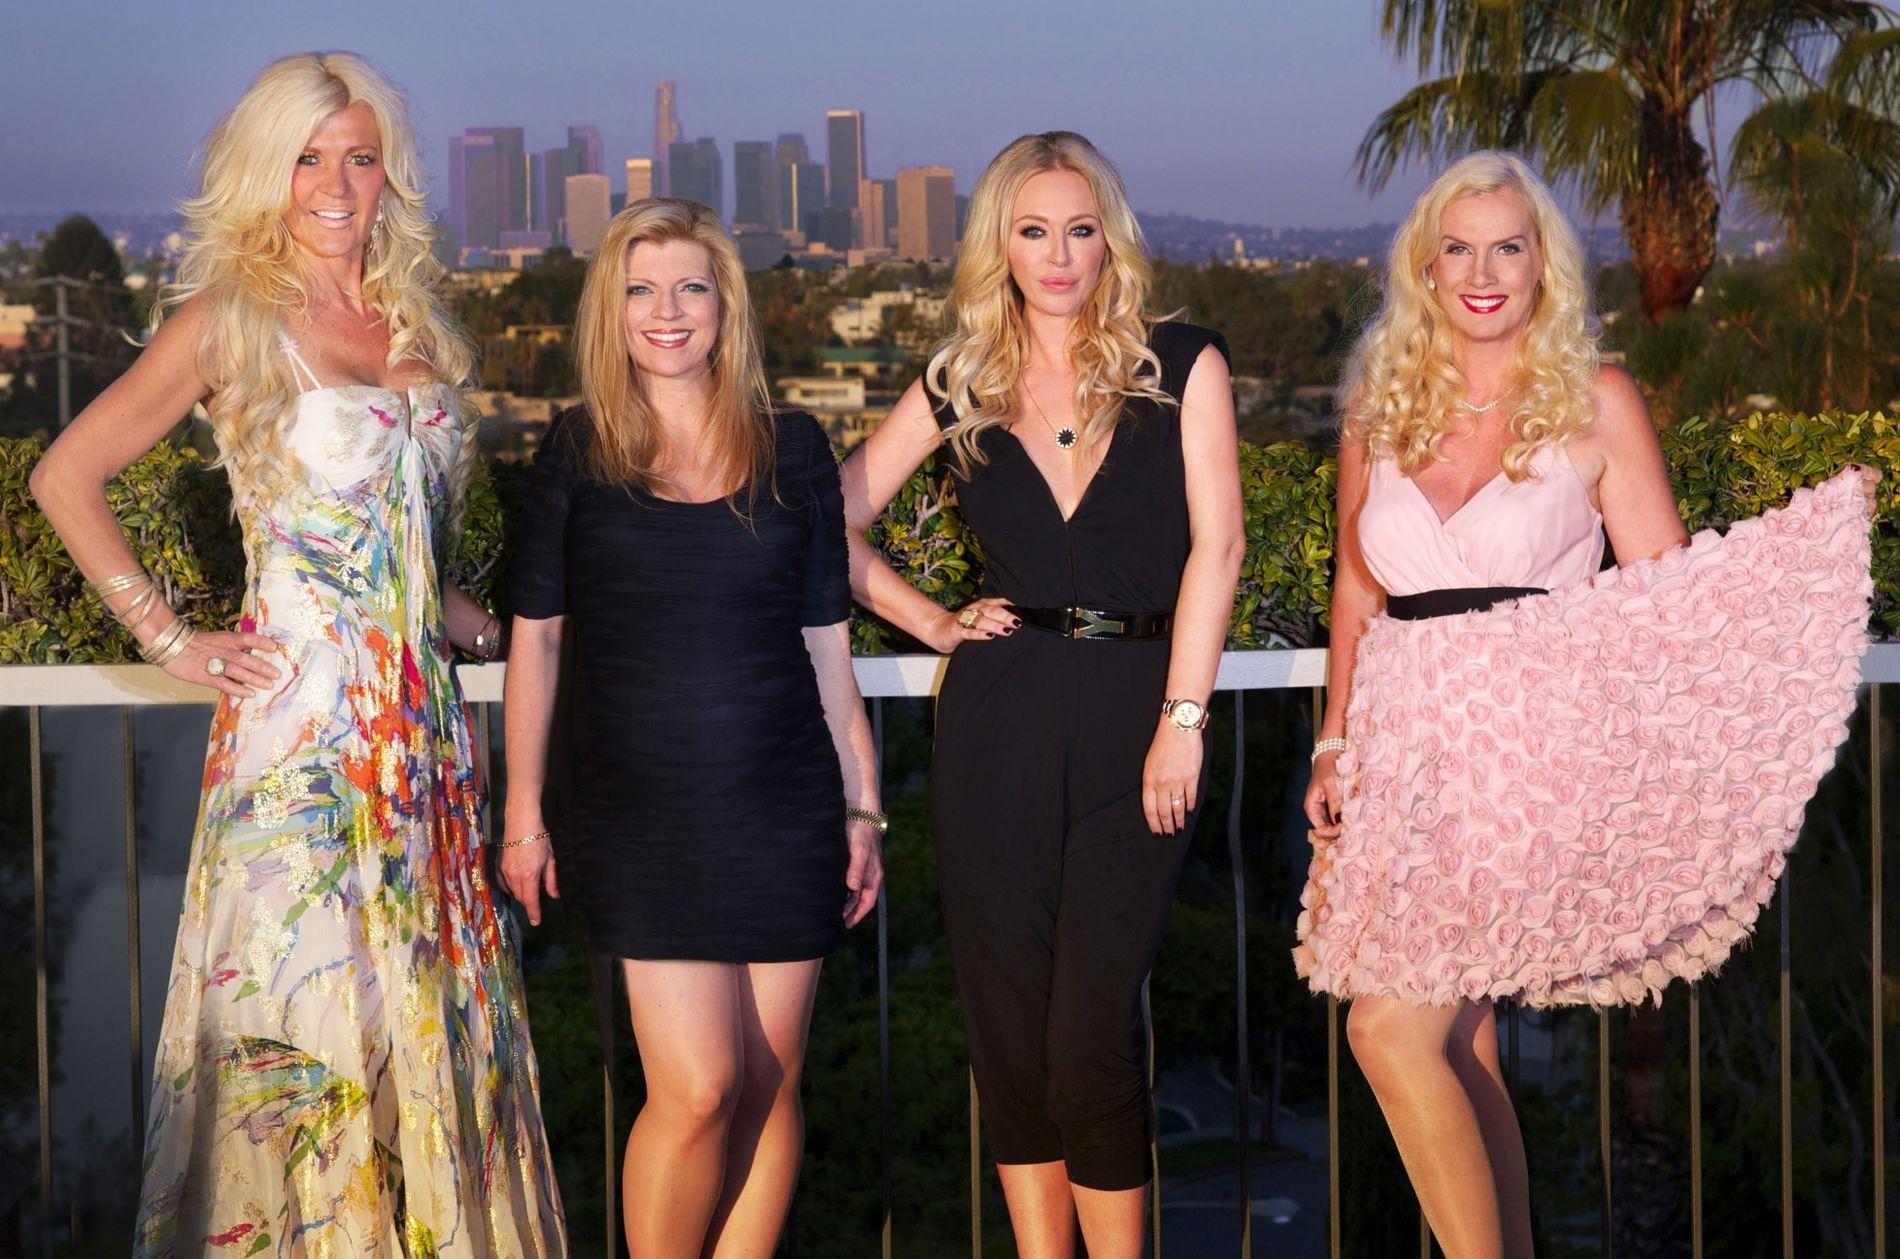 TV-FRUER: Maria Montazami, Margareta Svensson, Isabel Adrian og Gunilla Persson – her på et bilde fra 2012.